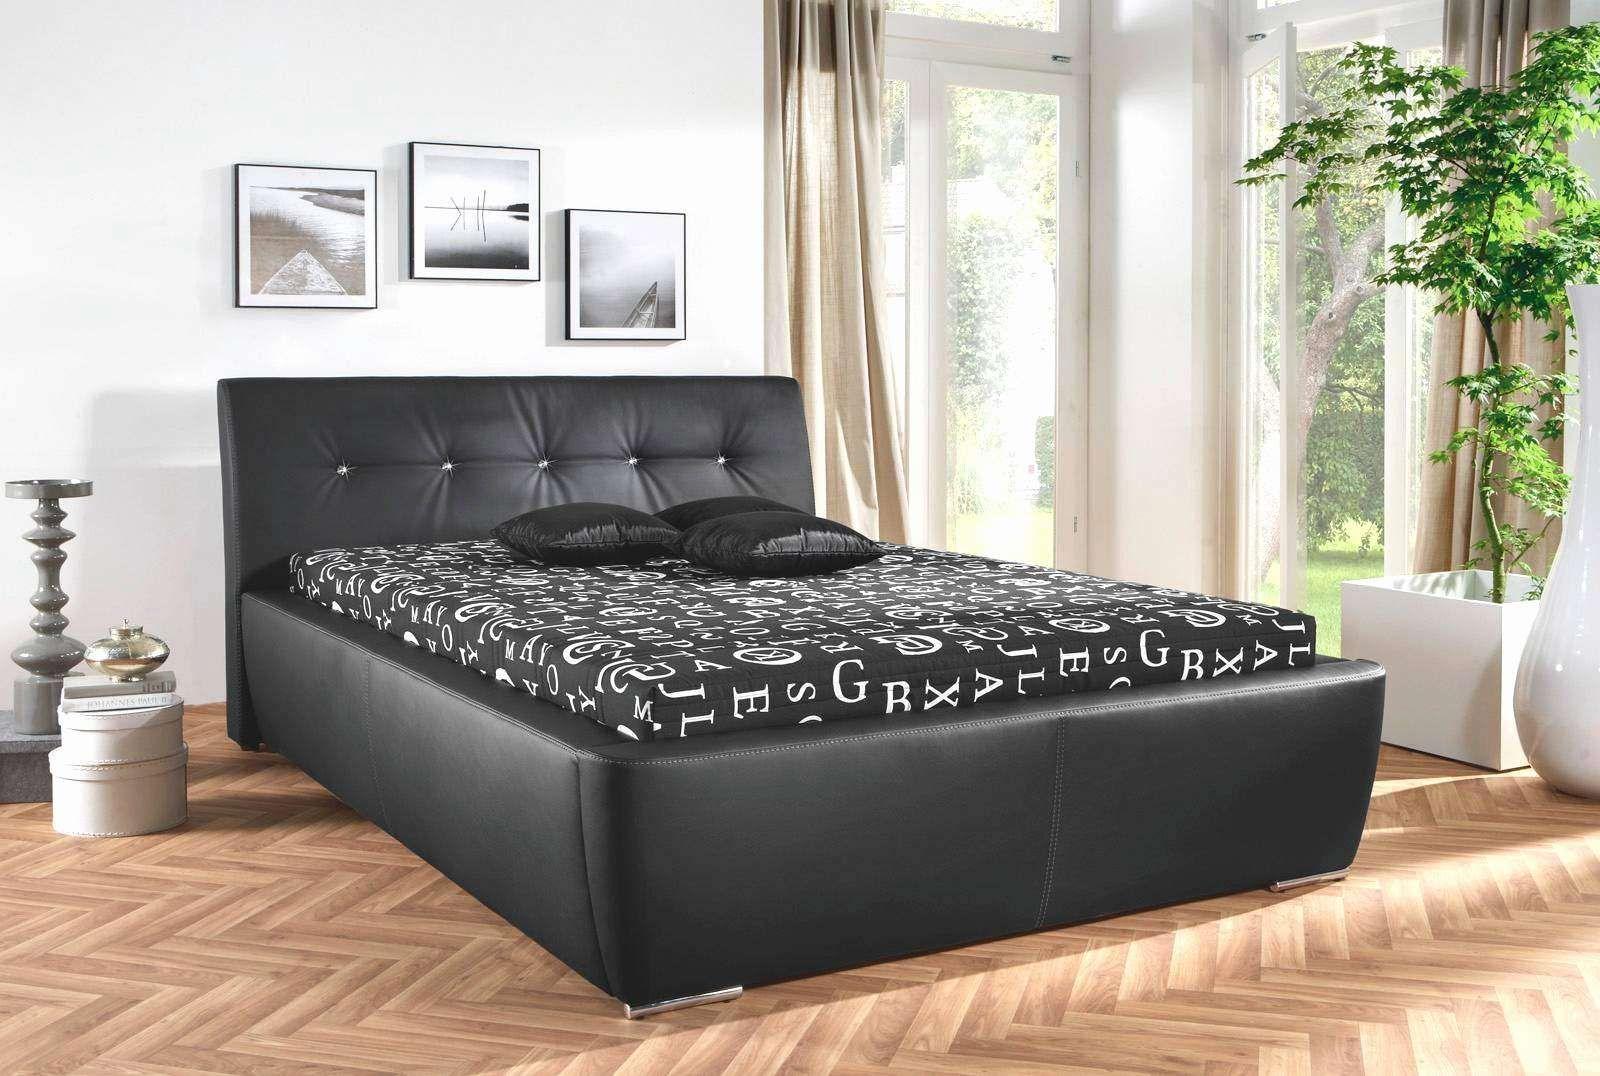 Kopfteil Bett 180 Cm Betten 180 Einzigartig 50 Schön Kopfteil Bett 180 Sammlung Genial Bed Home Furniture